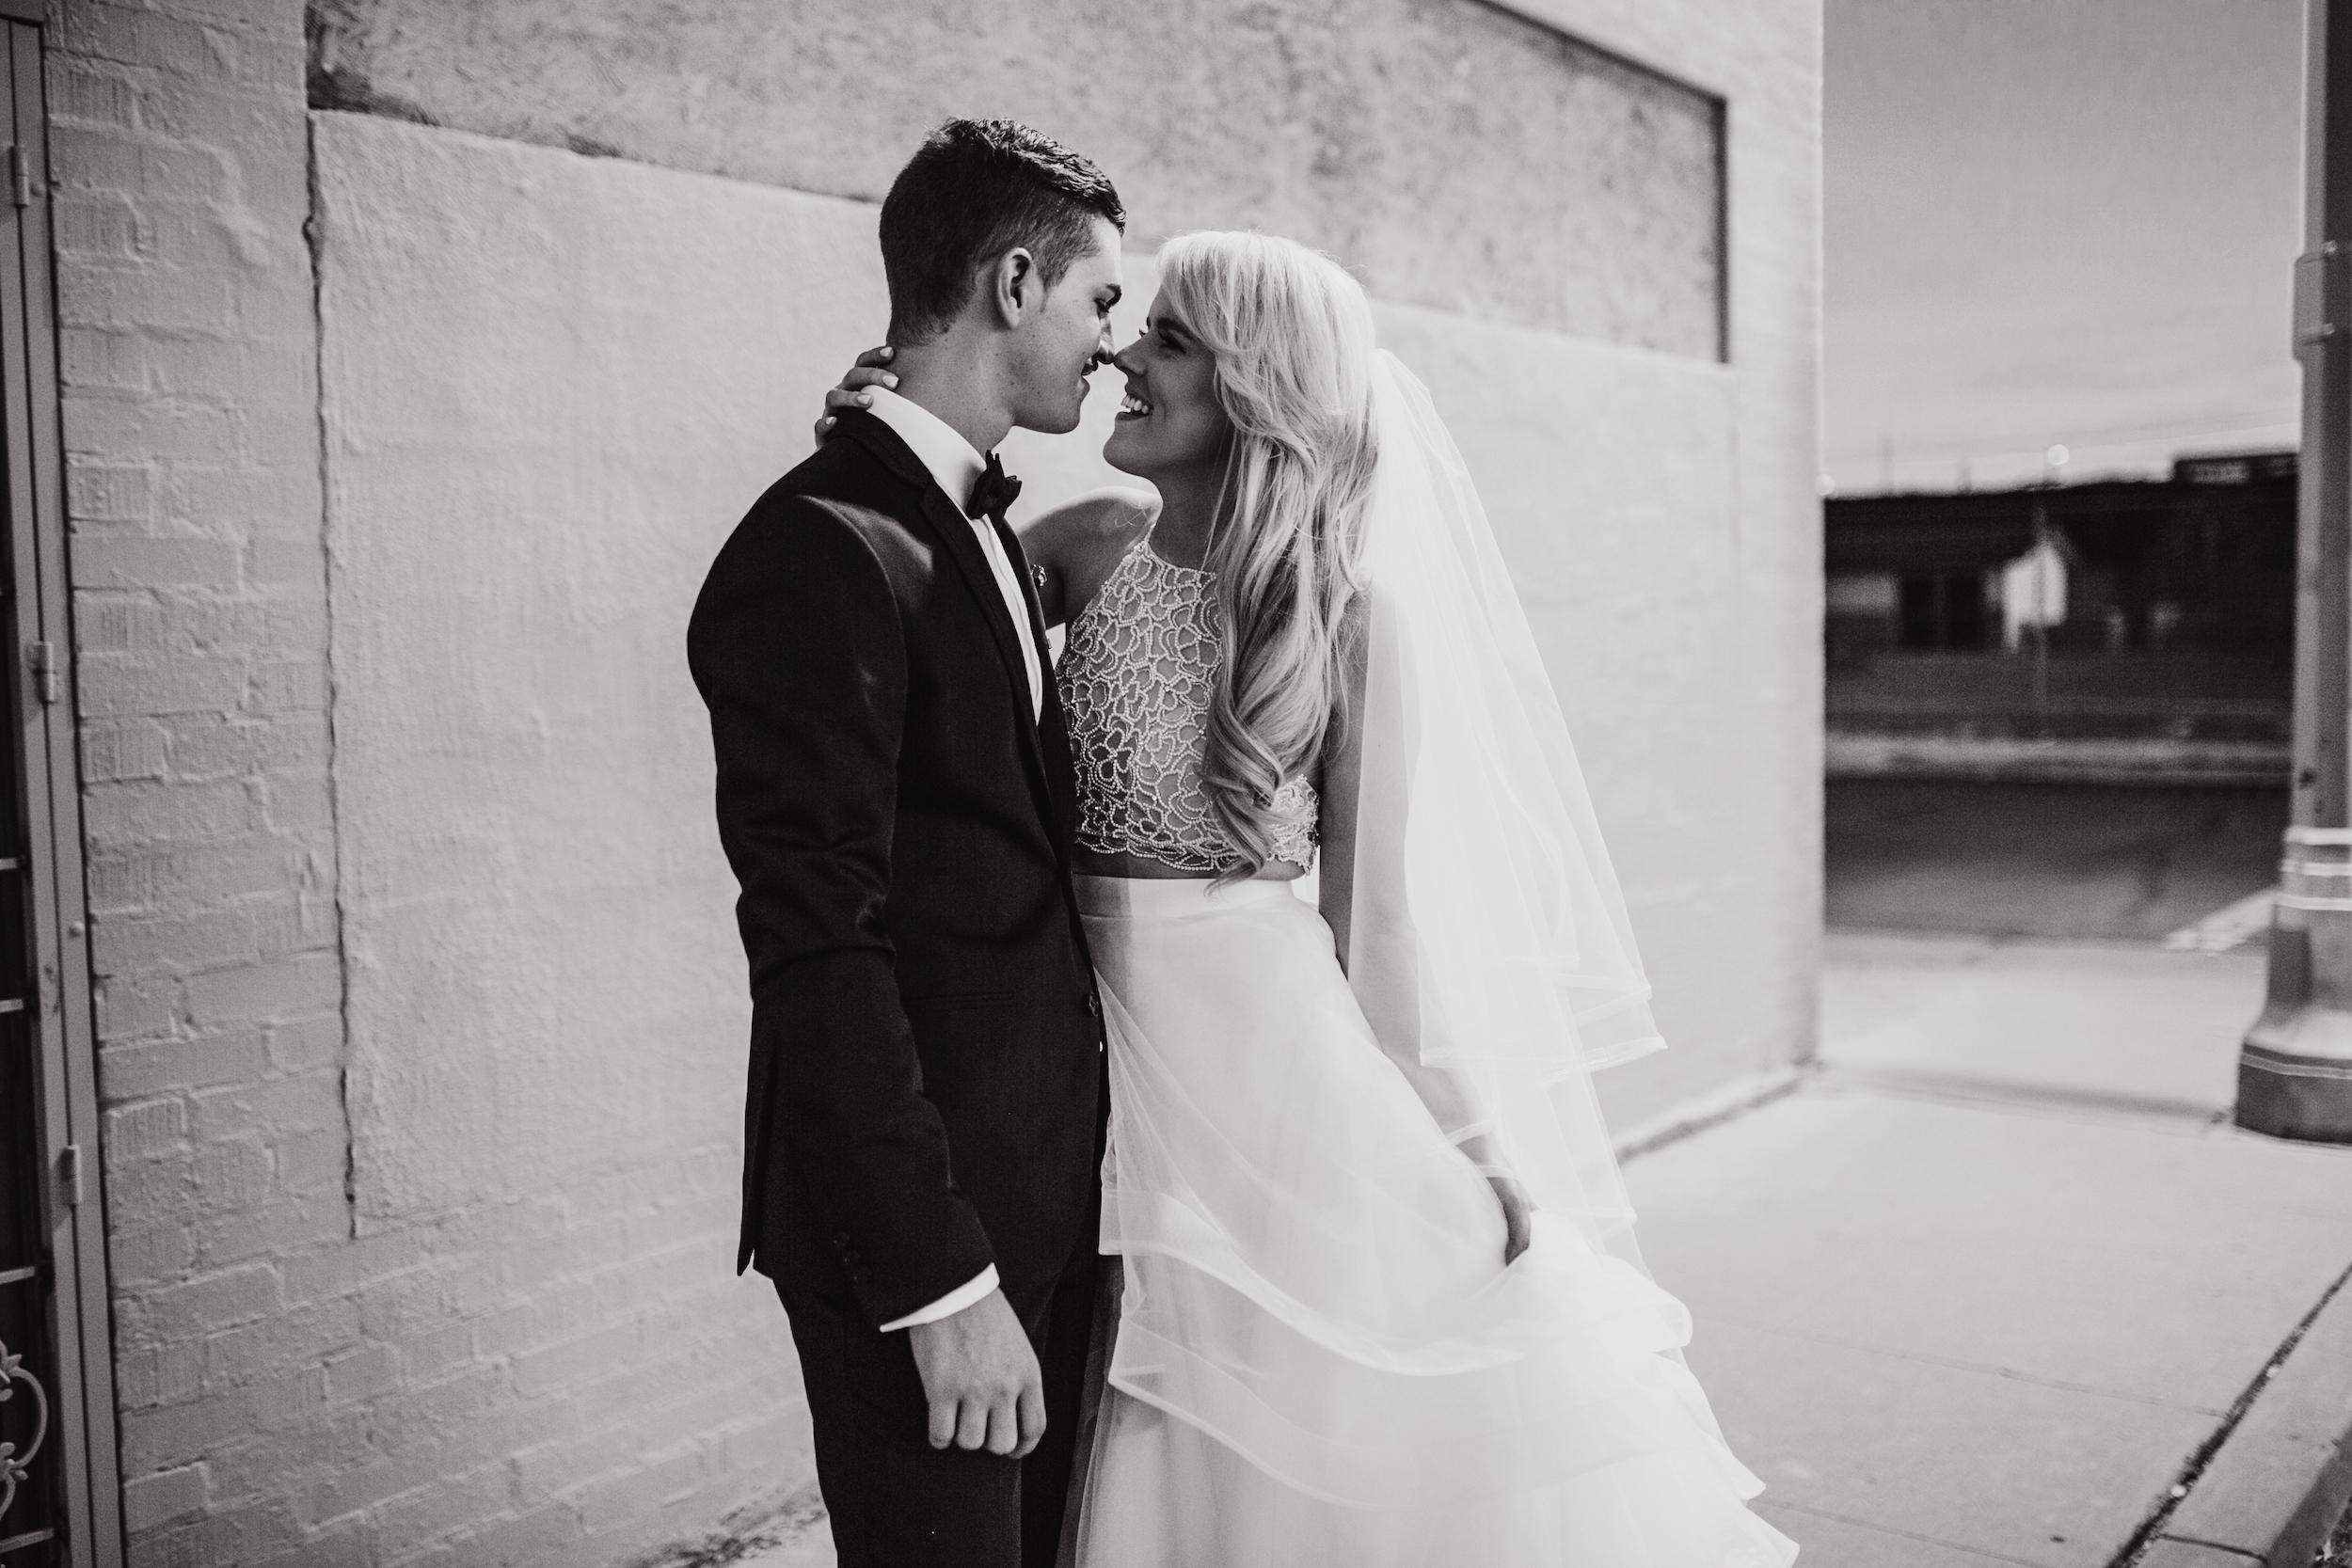 arizona - wedding - photography 01702.jpg